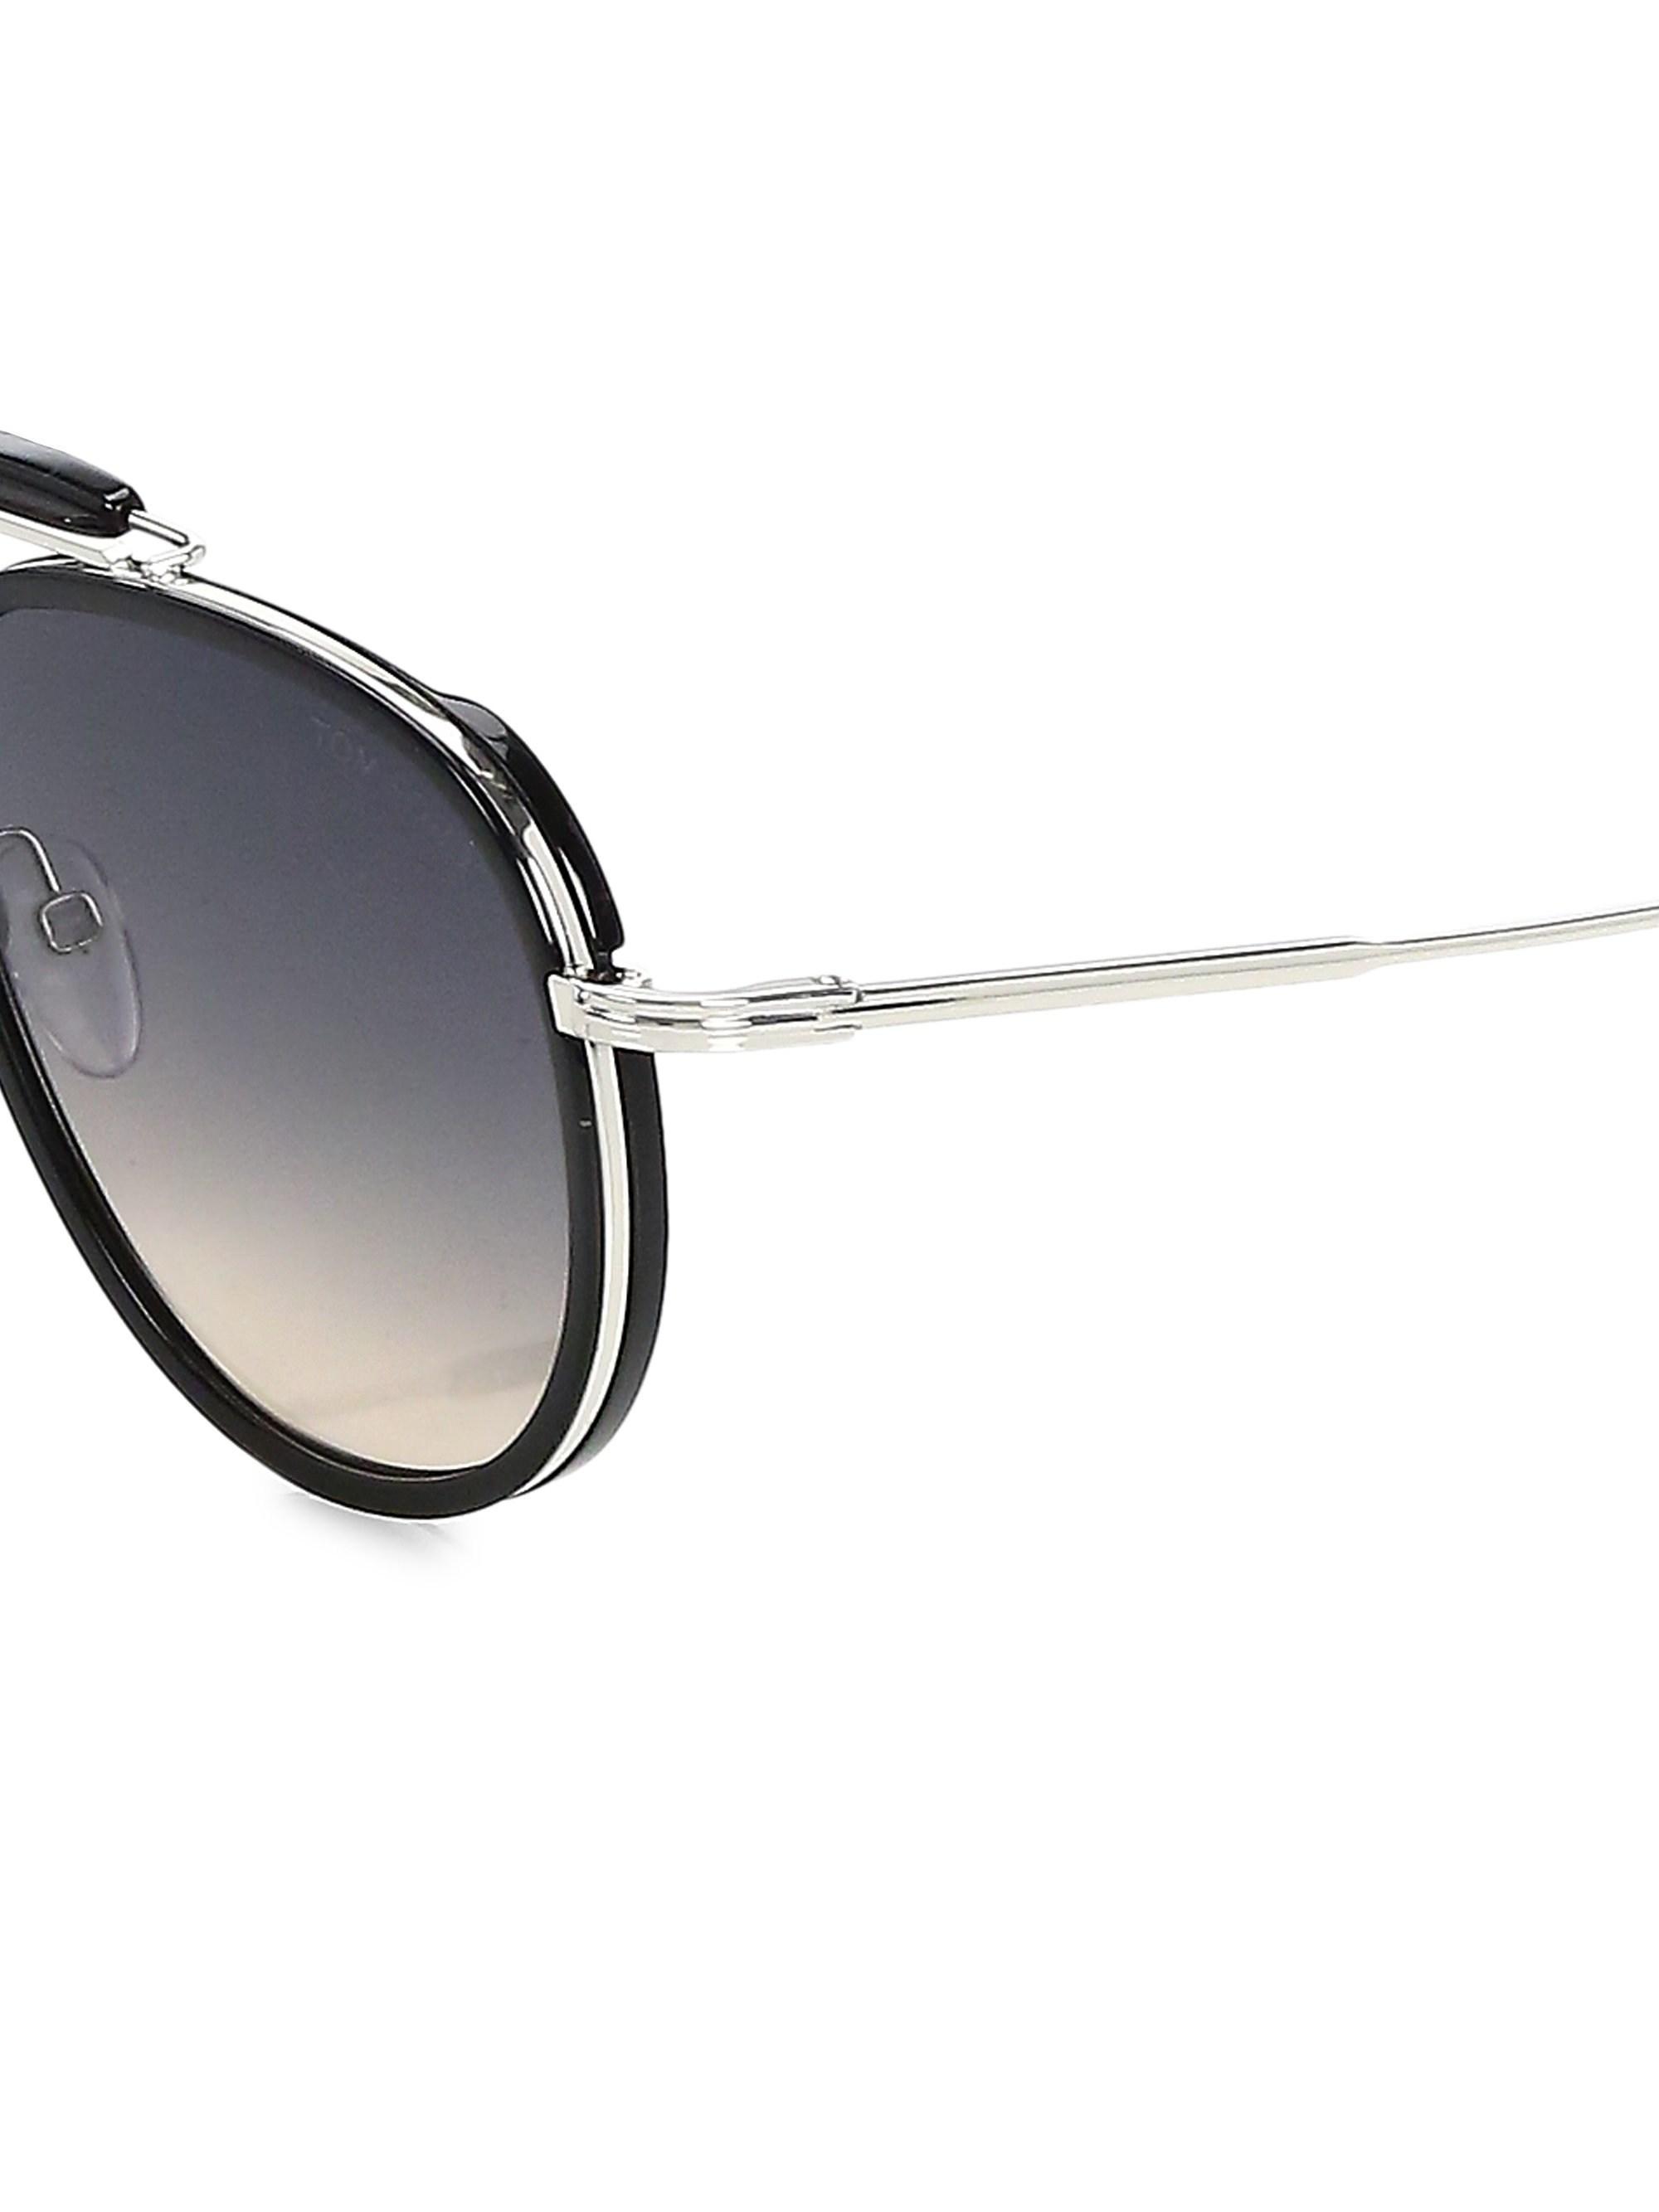 9b5cabb0ba862 Tom Ford - Men s Tripp 58mm Aviator Sunglasses - Black for Men - Lyst. View  fullscreen